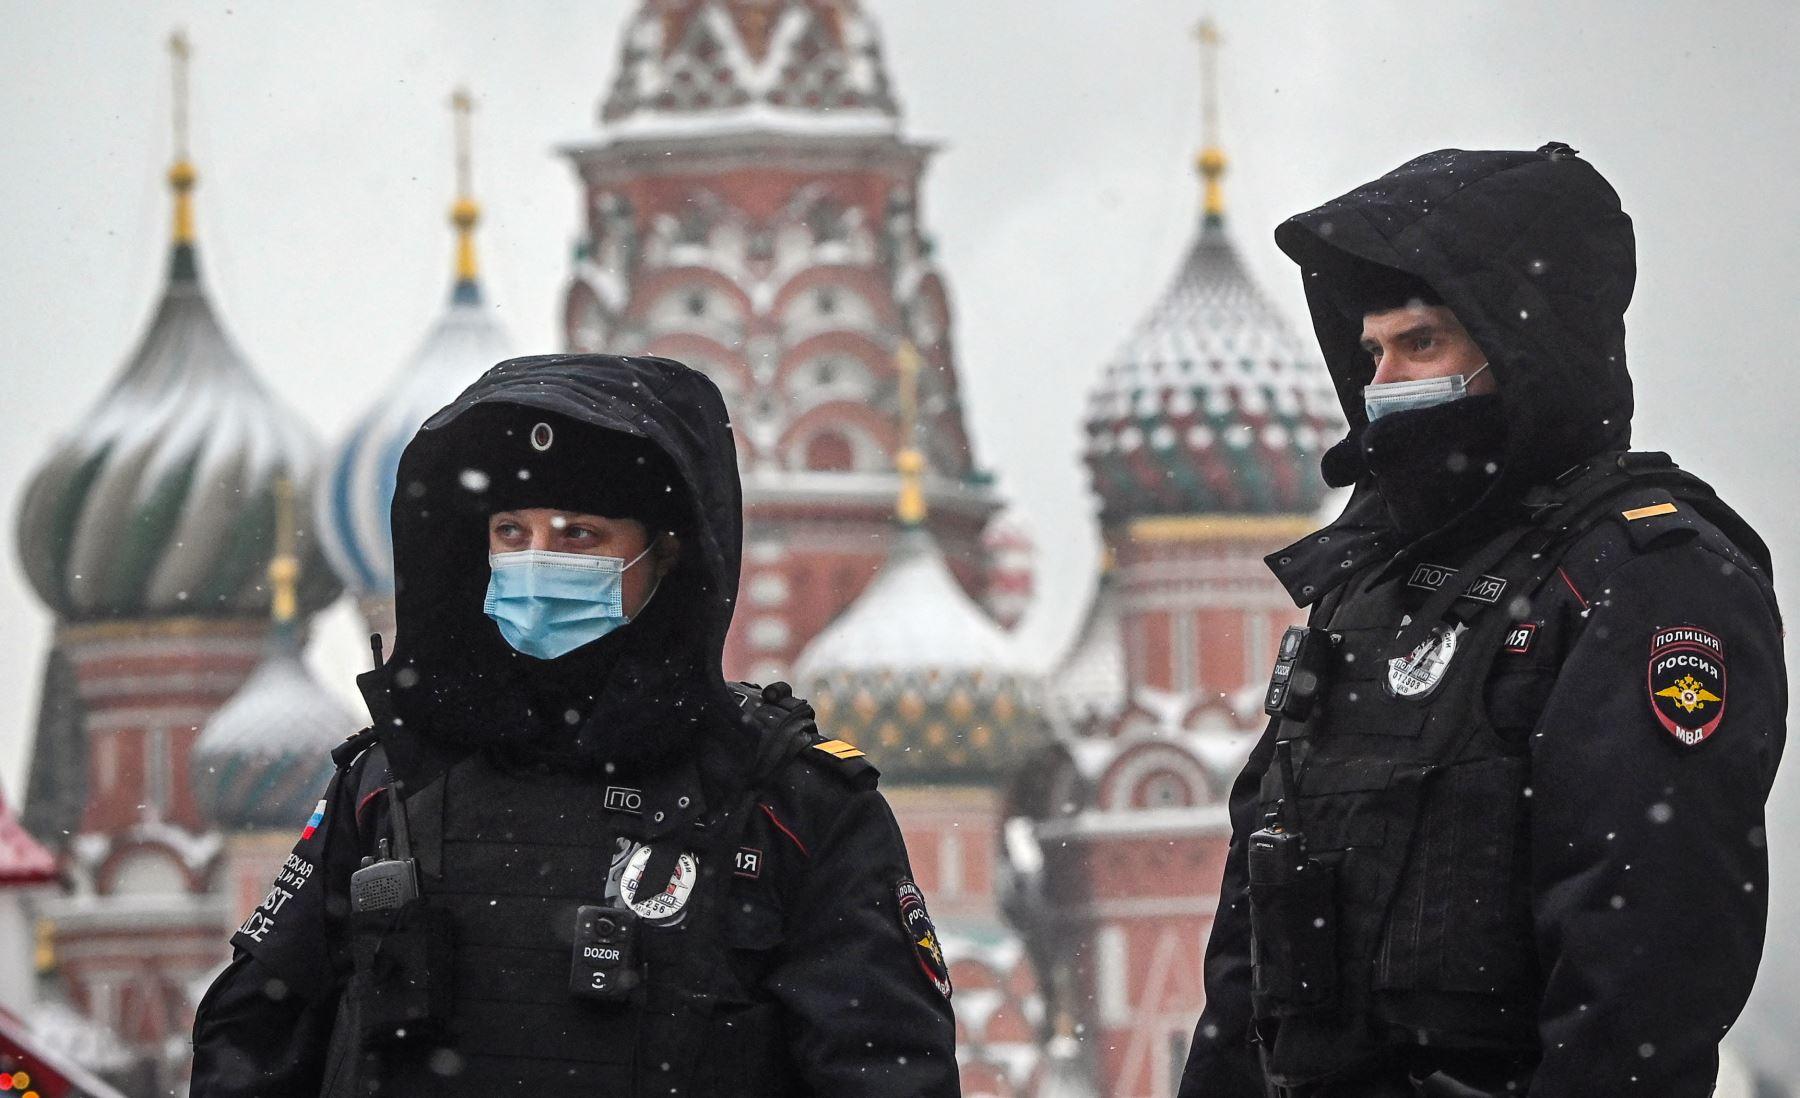 Agentes de policía rusos con mascarillas caminan por la Plaza Roja frente a la catedral de San Basilio en el centro de Moscú, en medio de la crisis relacionada con la pandemia Covid-19 causada por el nuevo coronavirus. - Rusia confirmó 22,934 nuevos casos diarios de Covid-19, incluidos 5,001 en Moscú. Foto: AFP